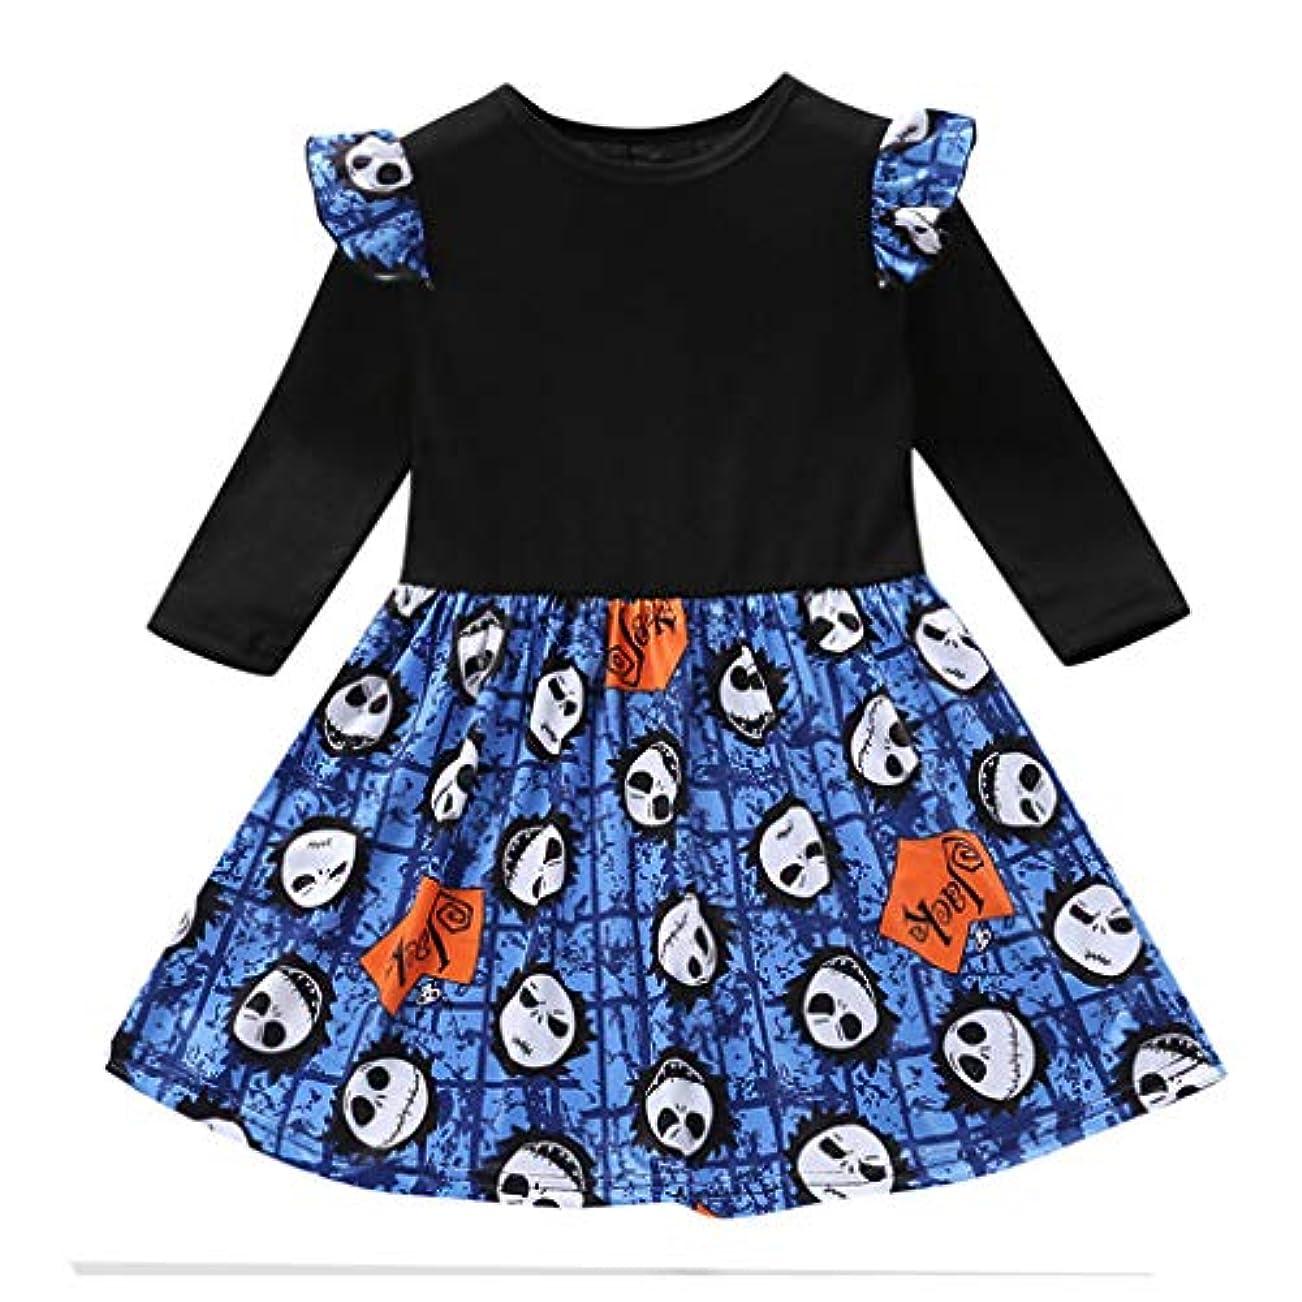 無効にする絵フクロウMISFIY 新生児 ベビー服 ガールズ 女の子 子供 ドレス プリンセススカート 綿 肌着 ハロウィン Halloween ブルー かわいい 柔らかい 誕生記念 出産祝い